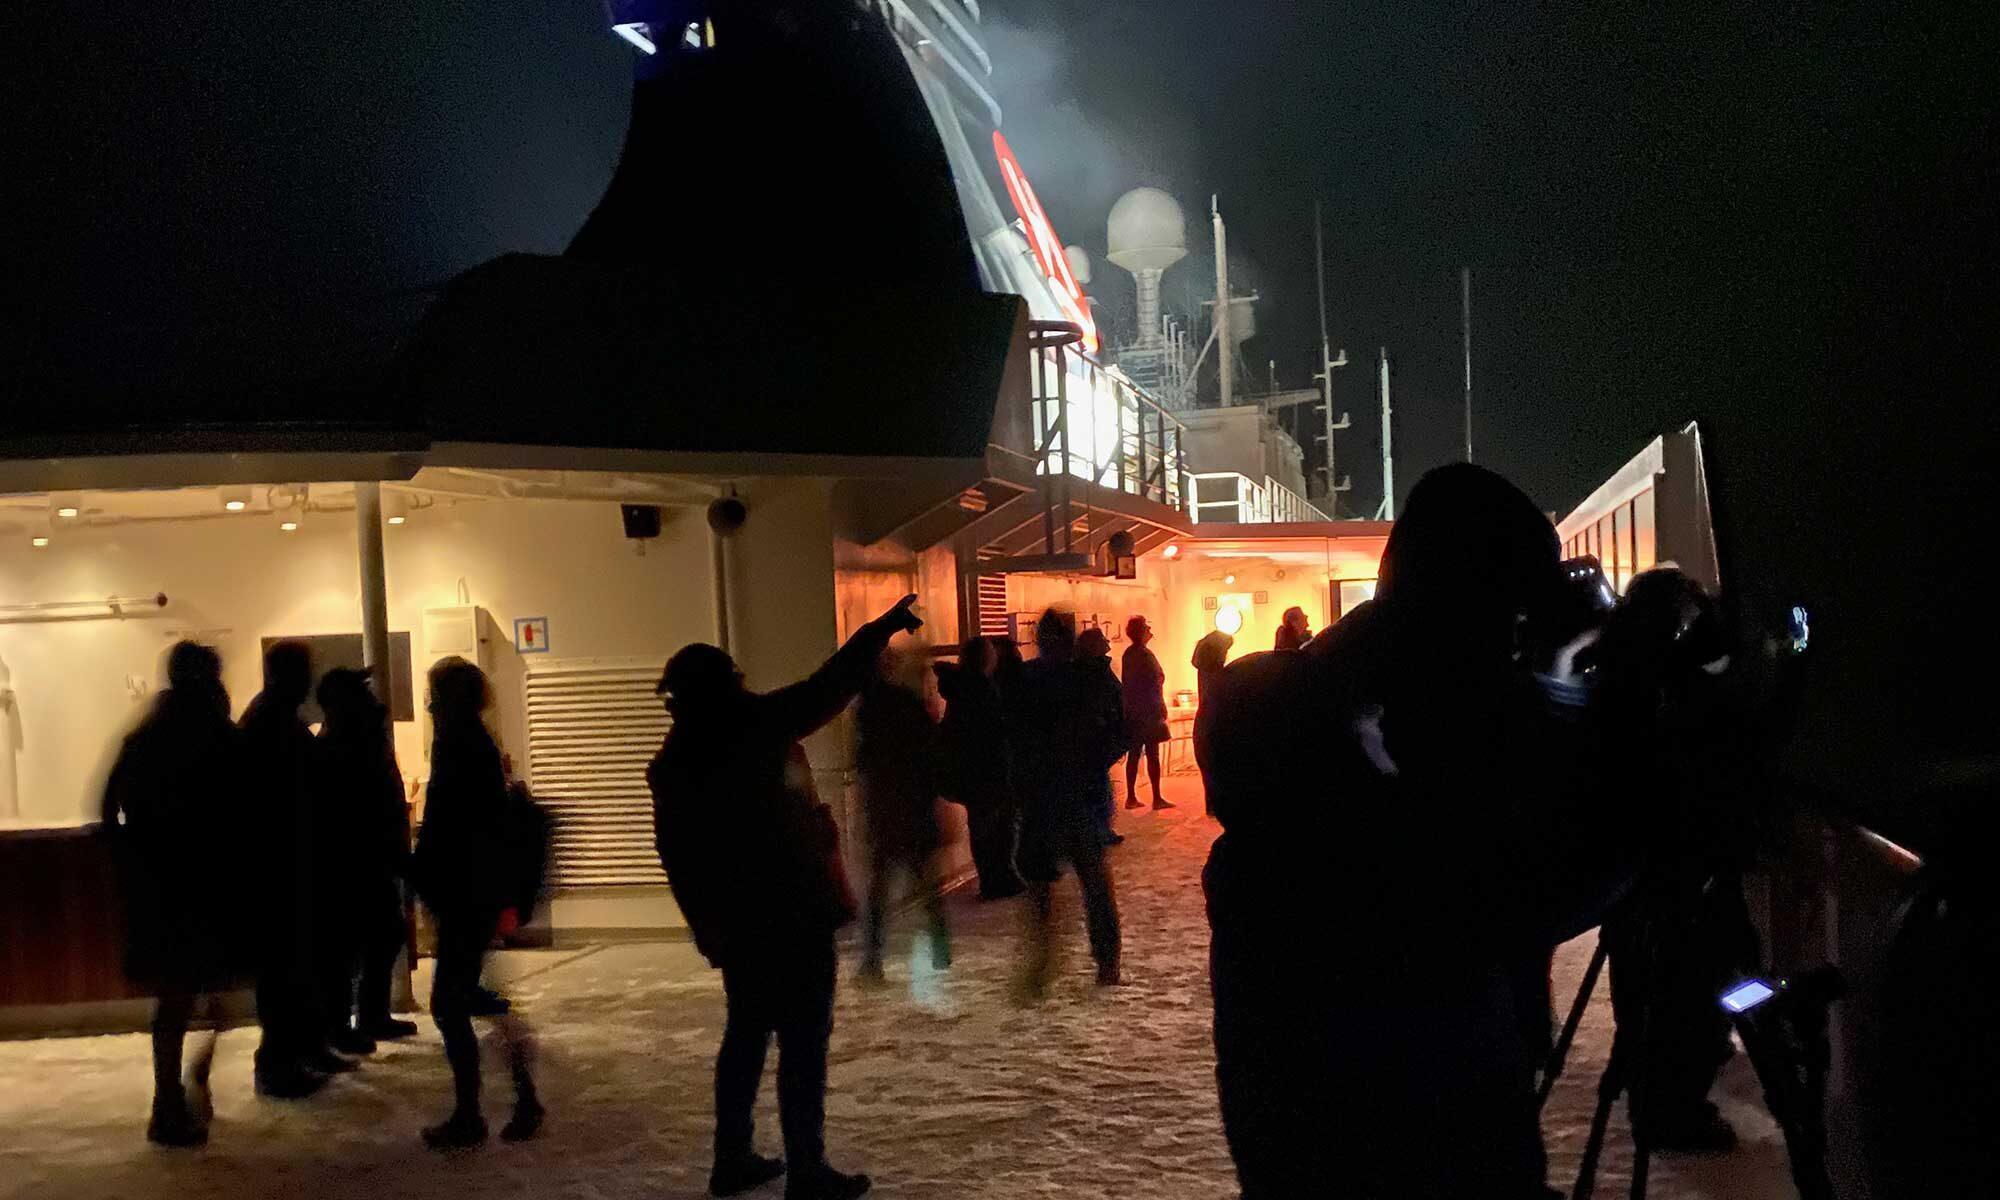 Das Bild zeigt Personen auf der MS Nordnorge, die Polarlichter beobachten